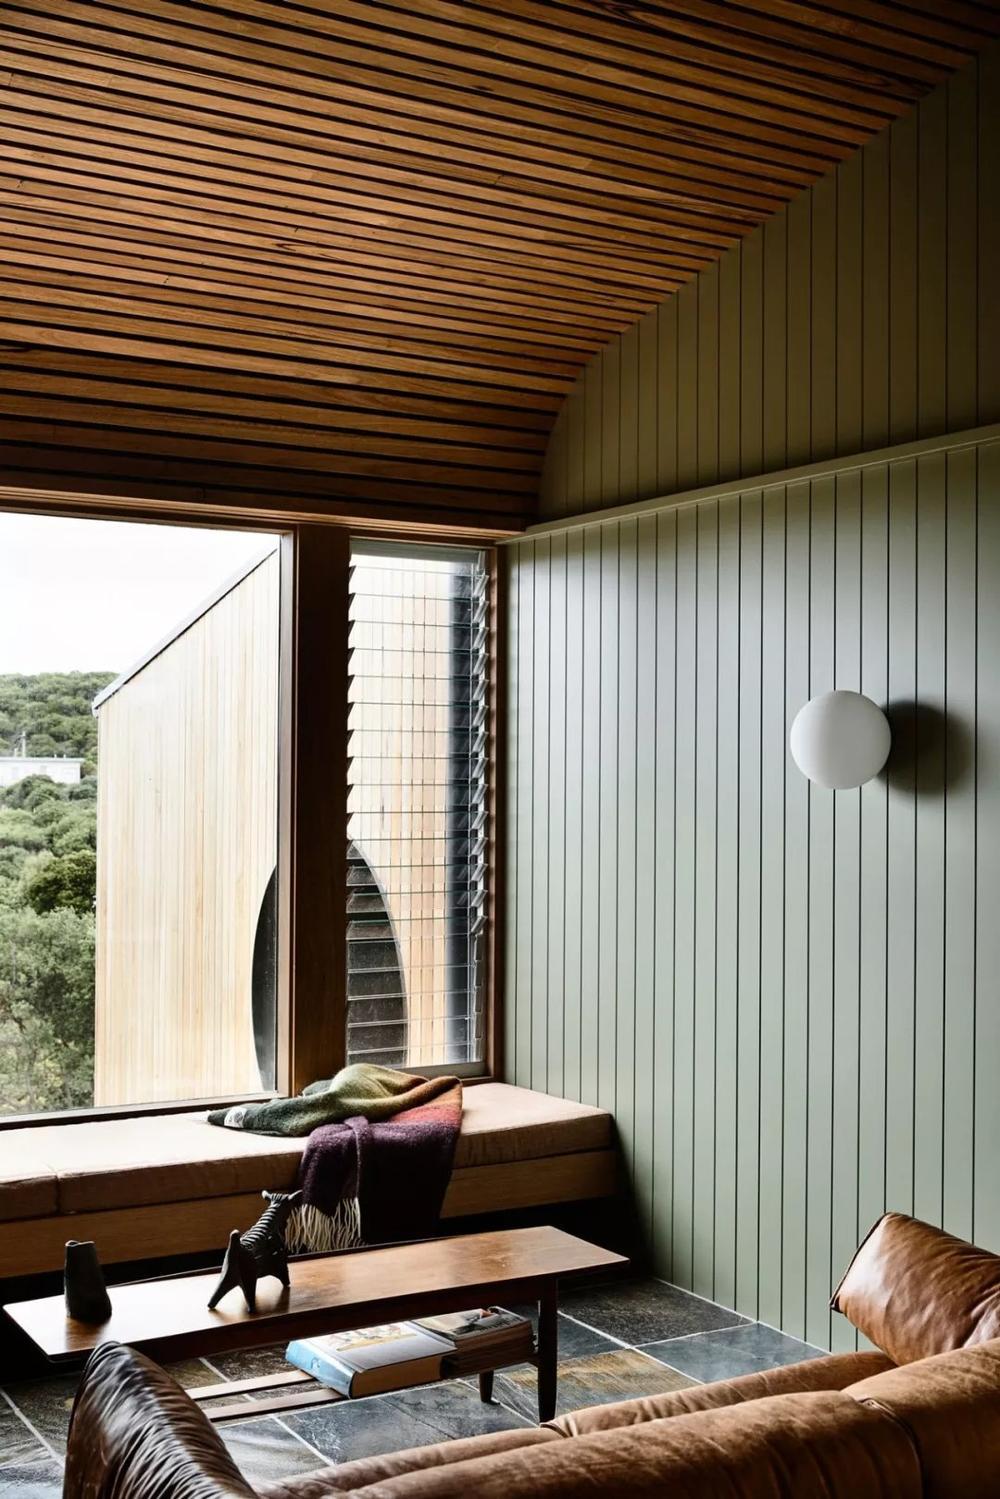 绿色齐家_这间住宅由Kennedy Nolan 设计,墙面铺贴绿色木条...-齐家网